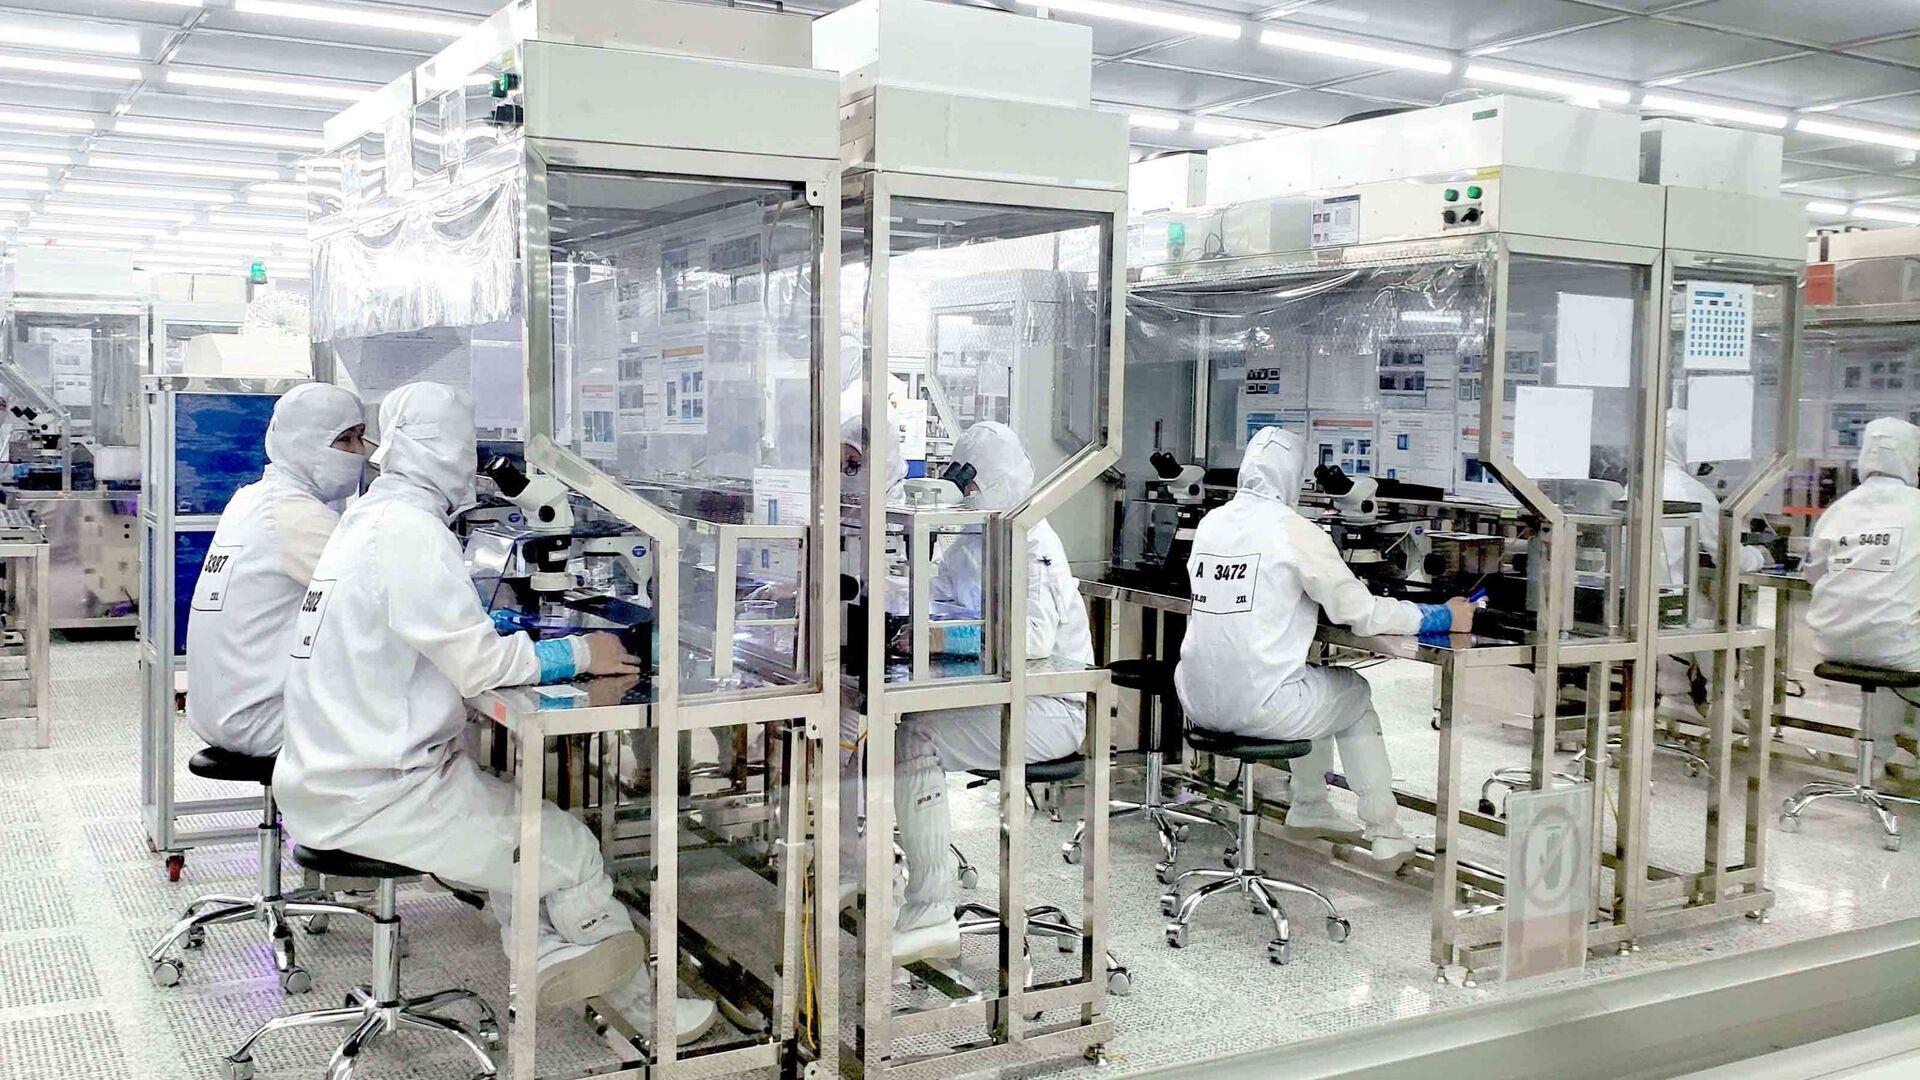 Công ty Optrontec Vina khu công nghiệp Bá Thiện 2, Vĩnh Phúc là công ty 100% vốn Hàn Quốc. - Sputnik Việt Nam, 1920, 20.09.2021